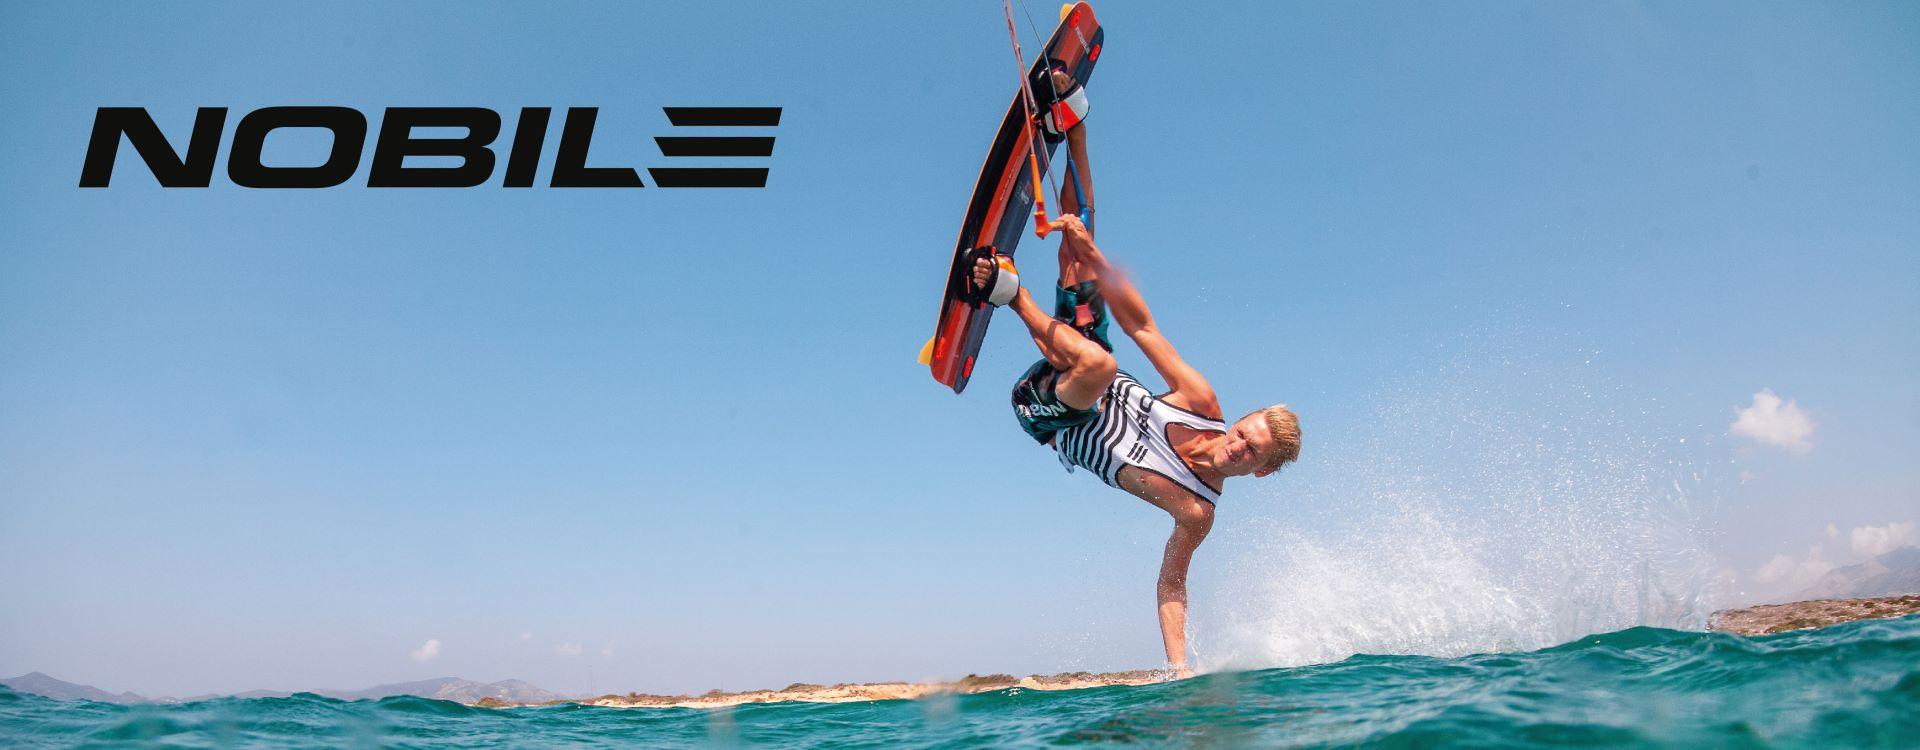 nobile kiteboarding kitesurf équipement